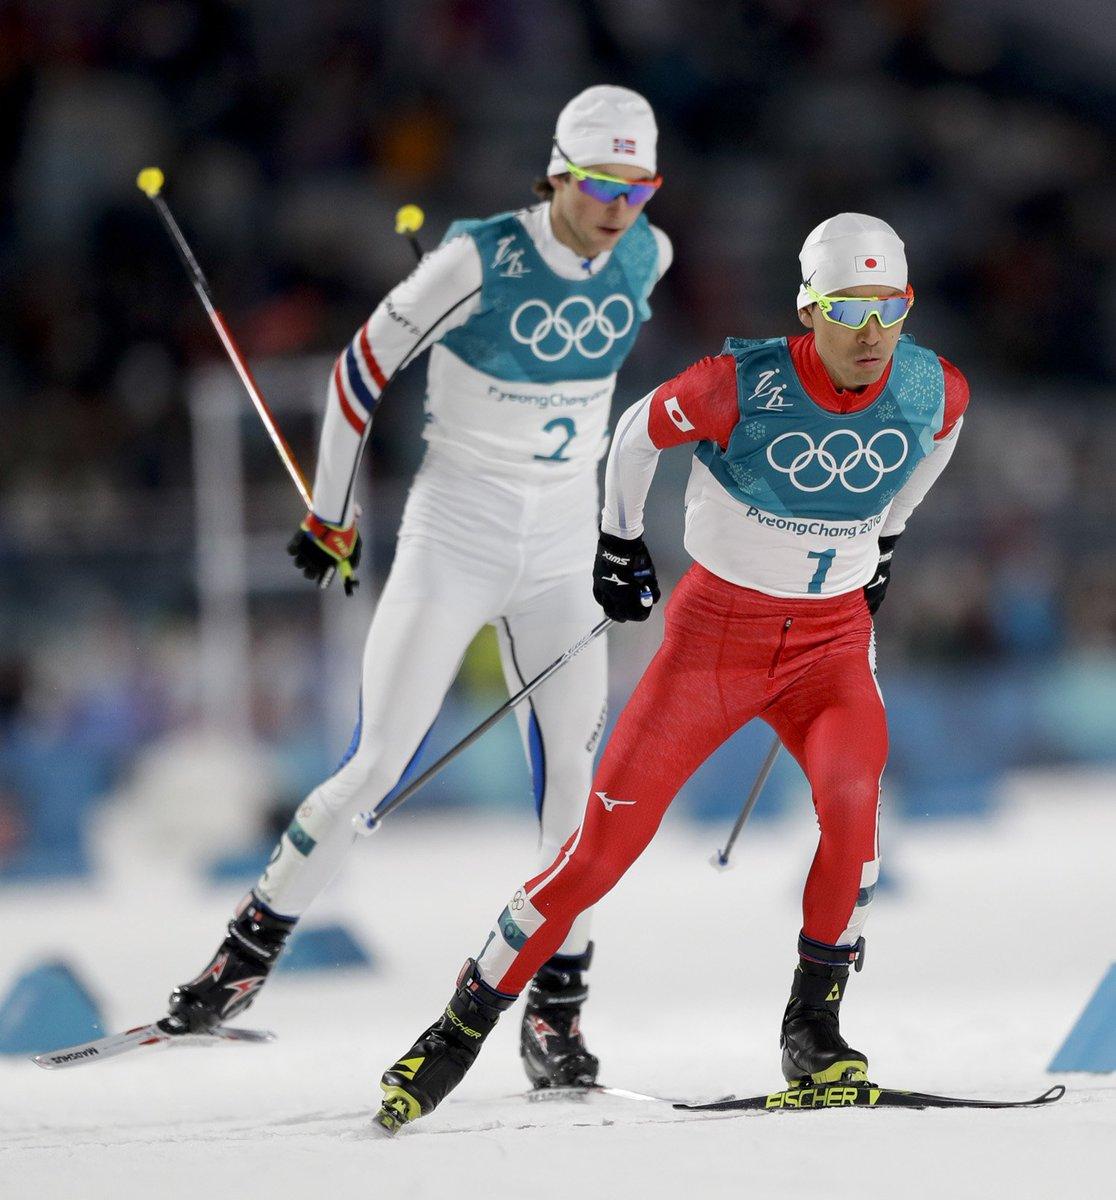 @Japan_Olympicの画像